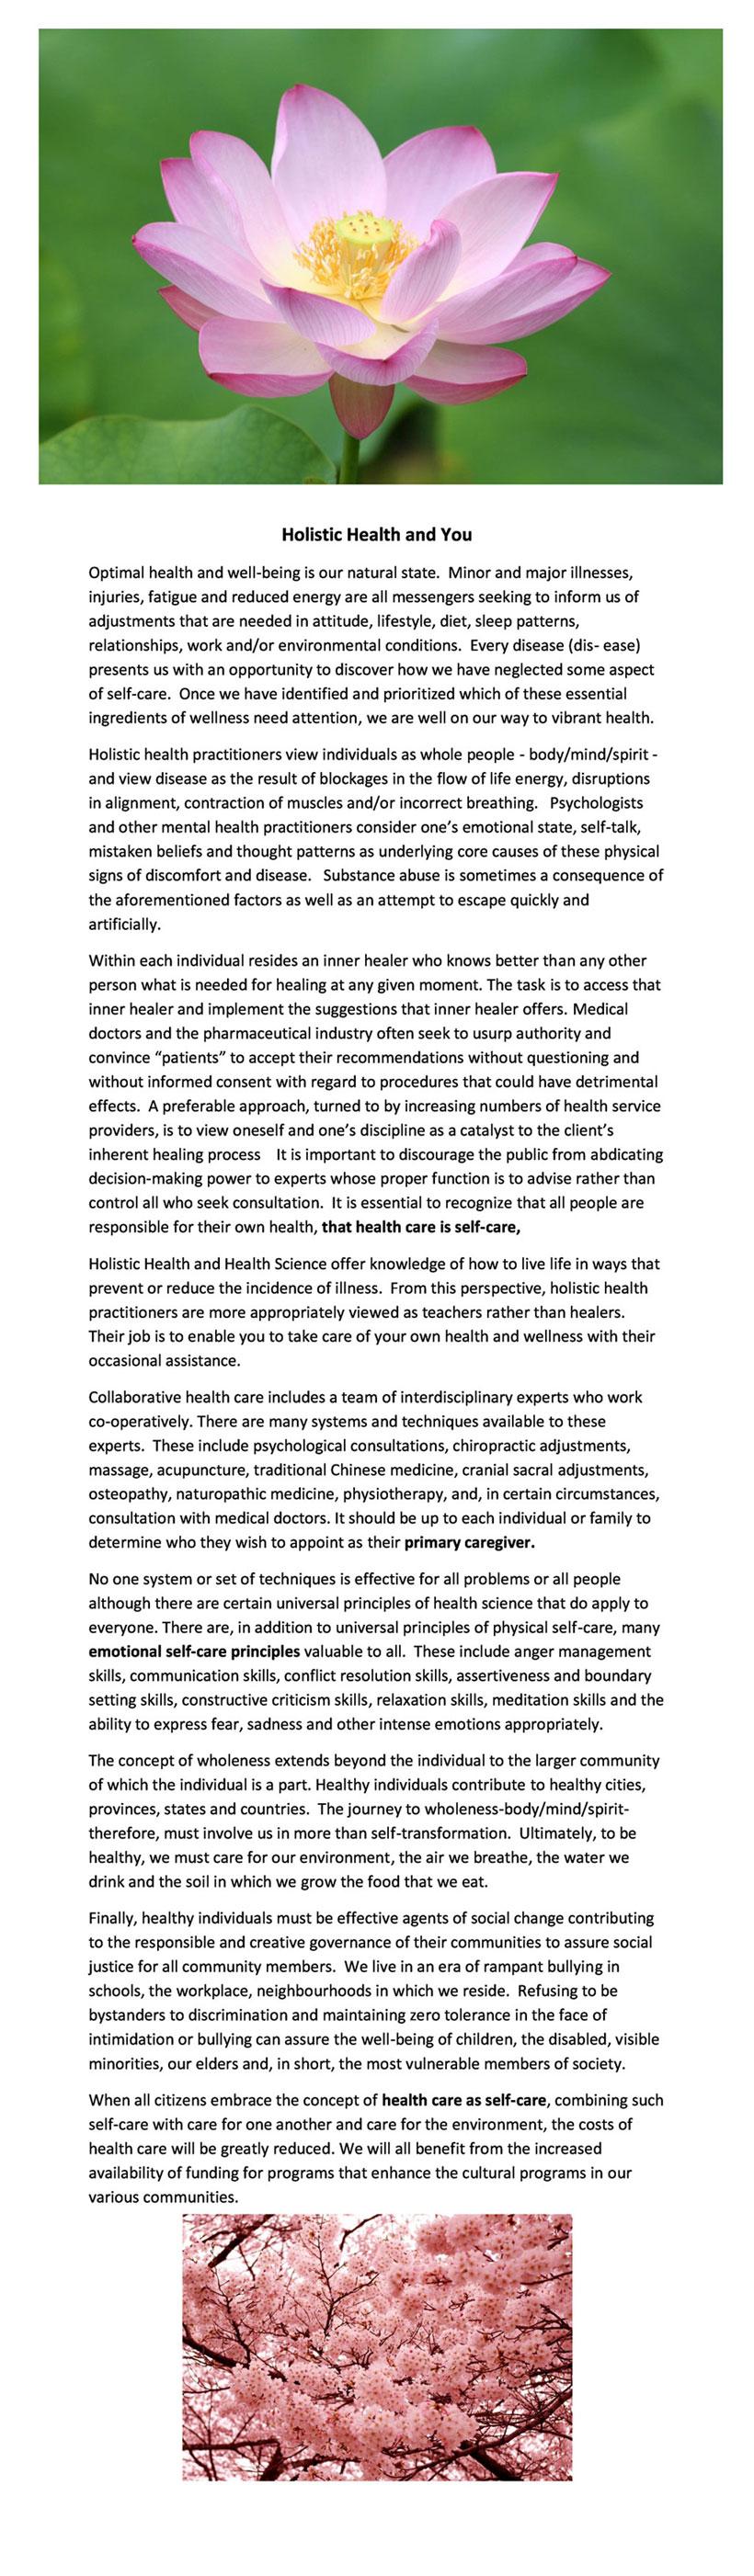 Holistic-Health-and-You